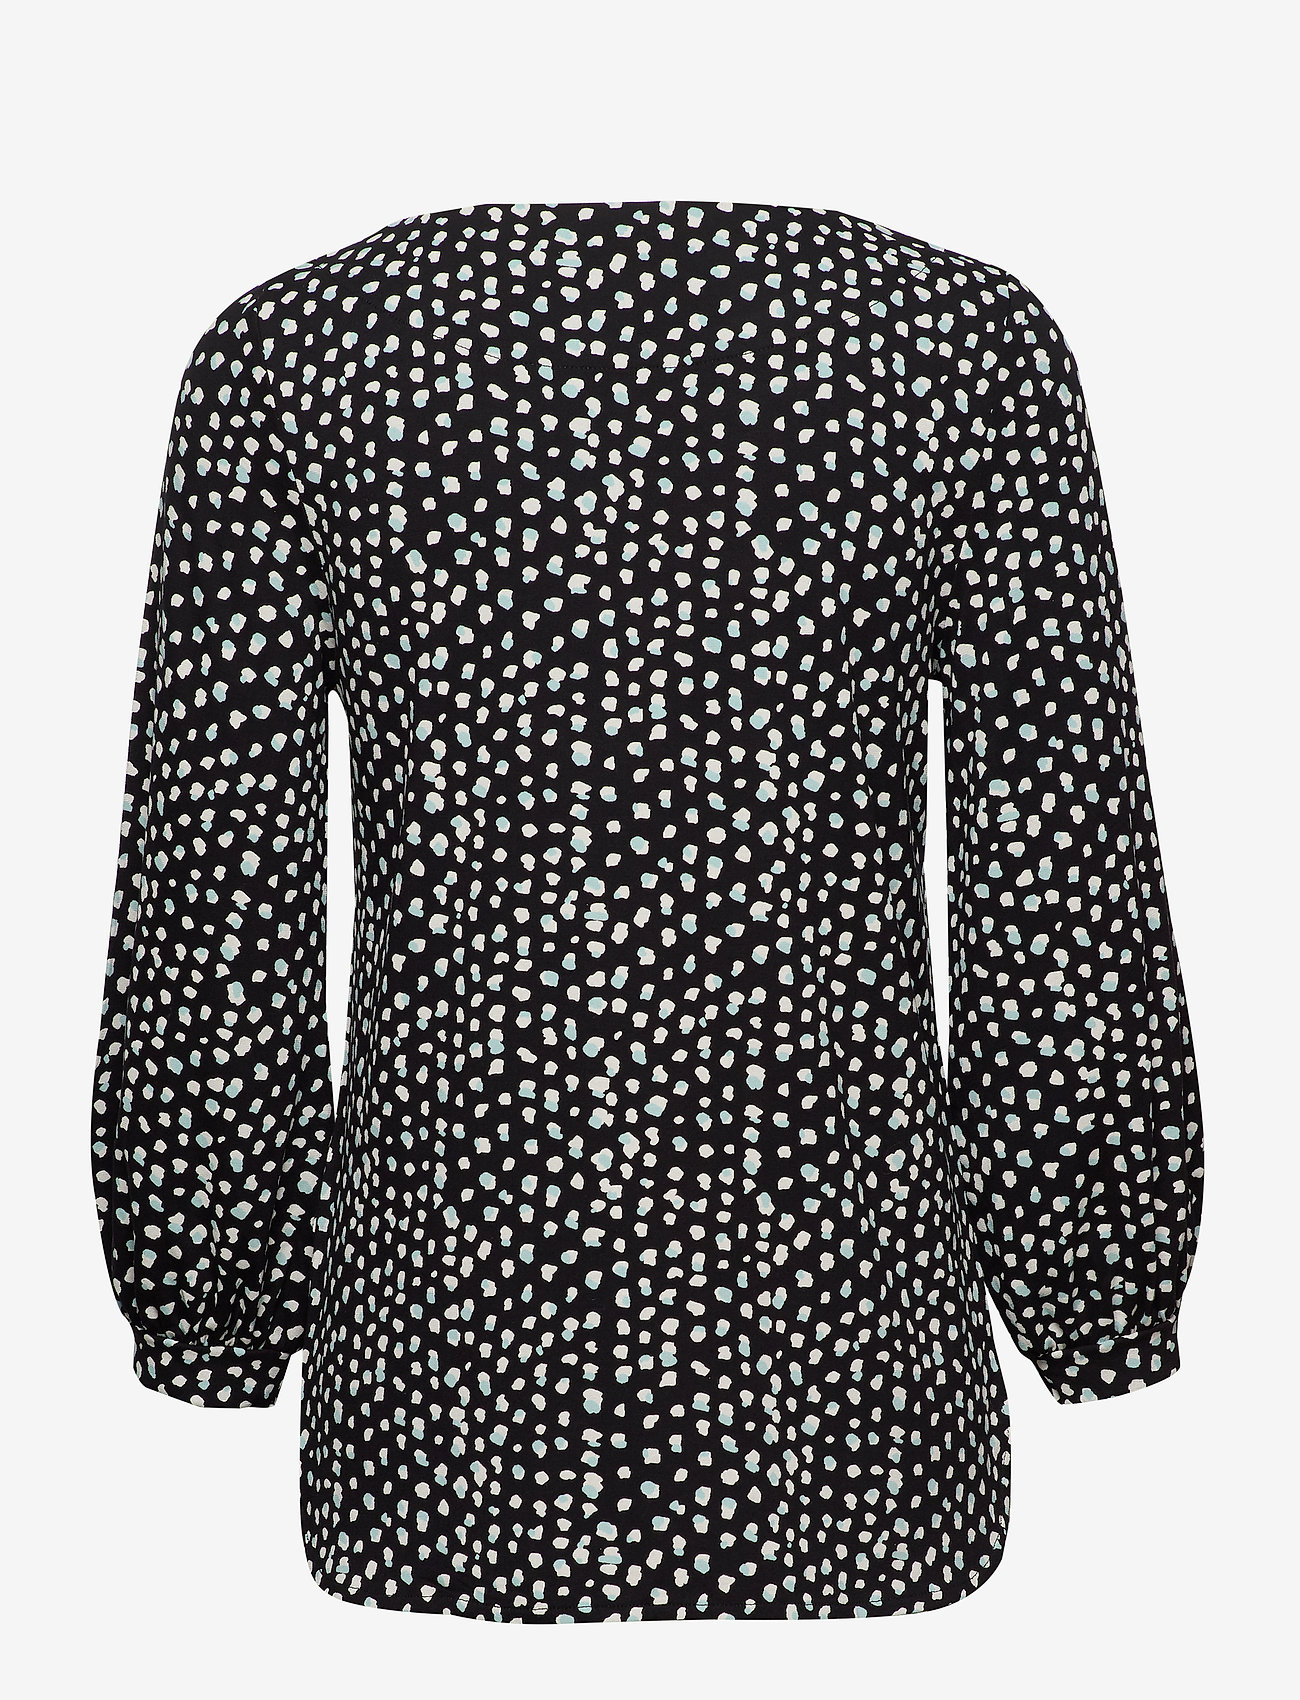 Nanso - Ladies blouse, Dippi - pitkähihaiset t-paidat - black - 1